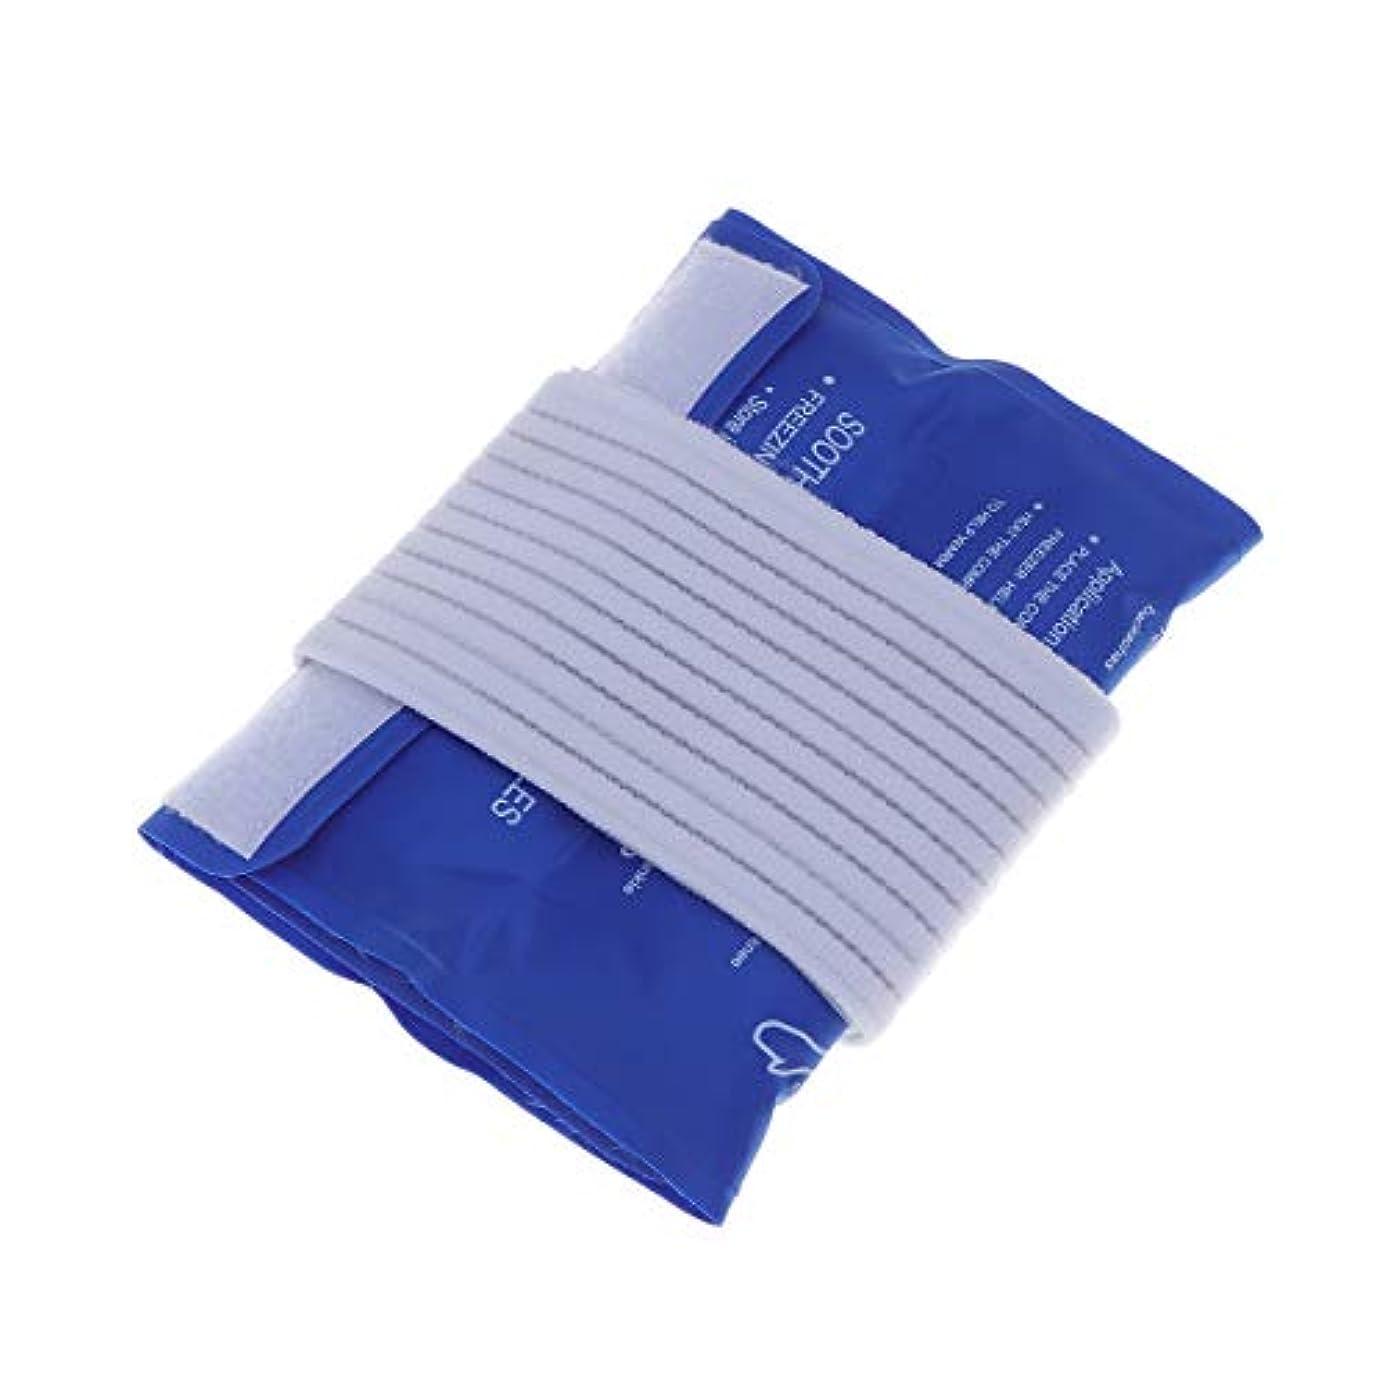 ためらう癌巨大SUPVOX ゲルアイスパックラップ医療冷却コンプレッションバッグ付き調節可能な弾性ストラップ付き捻挫筋肉痛傷害ホットコールドセラピー(ブルー)